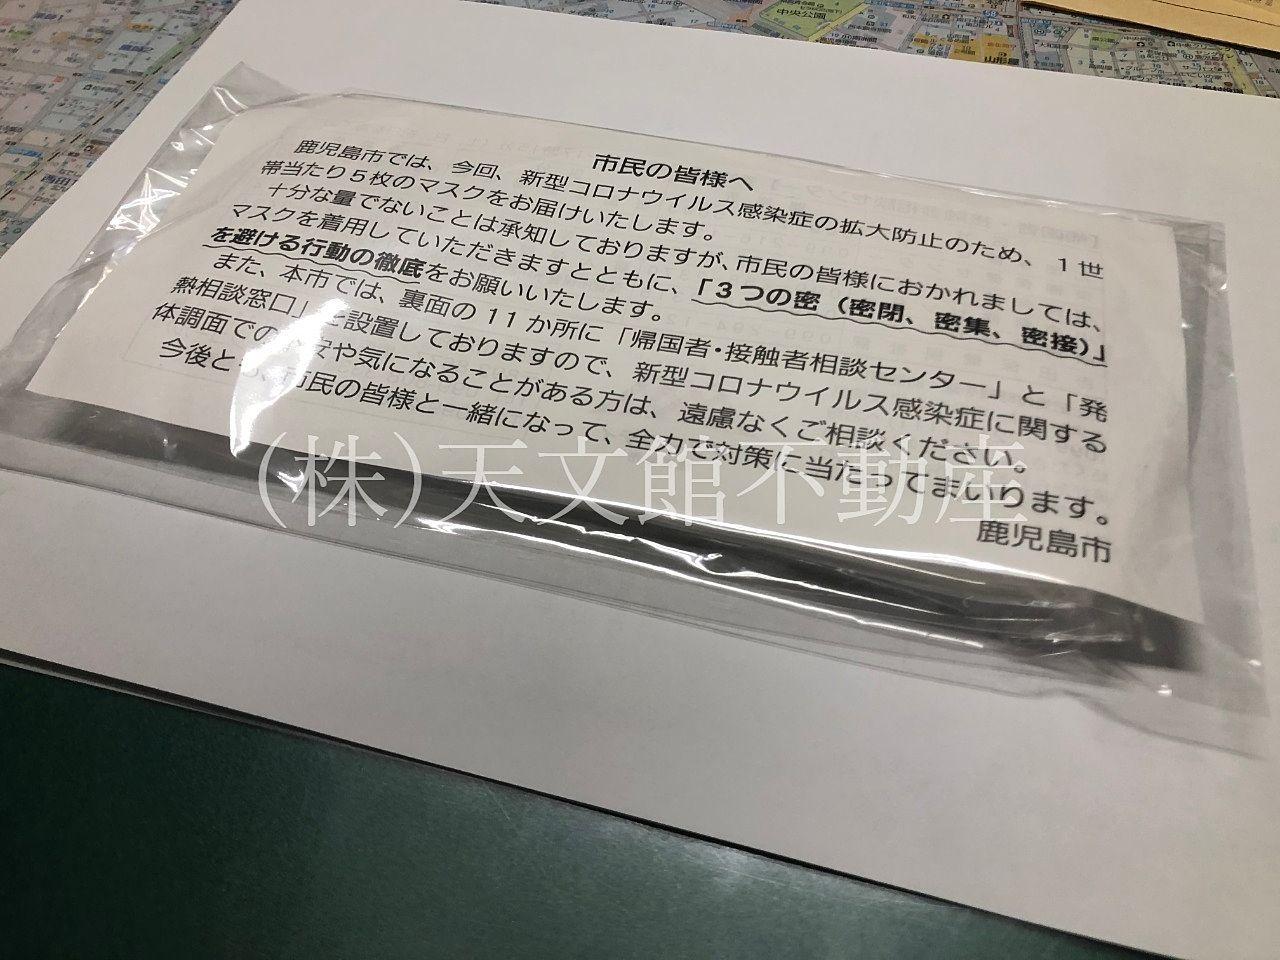 鹿児島市から支給されたマスクが本日届きました。